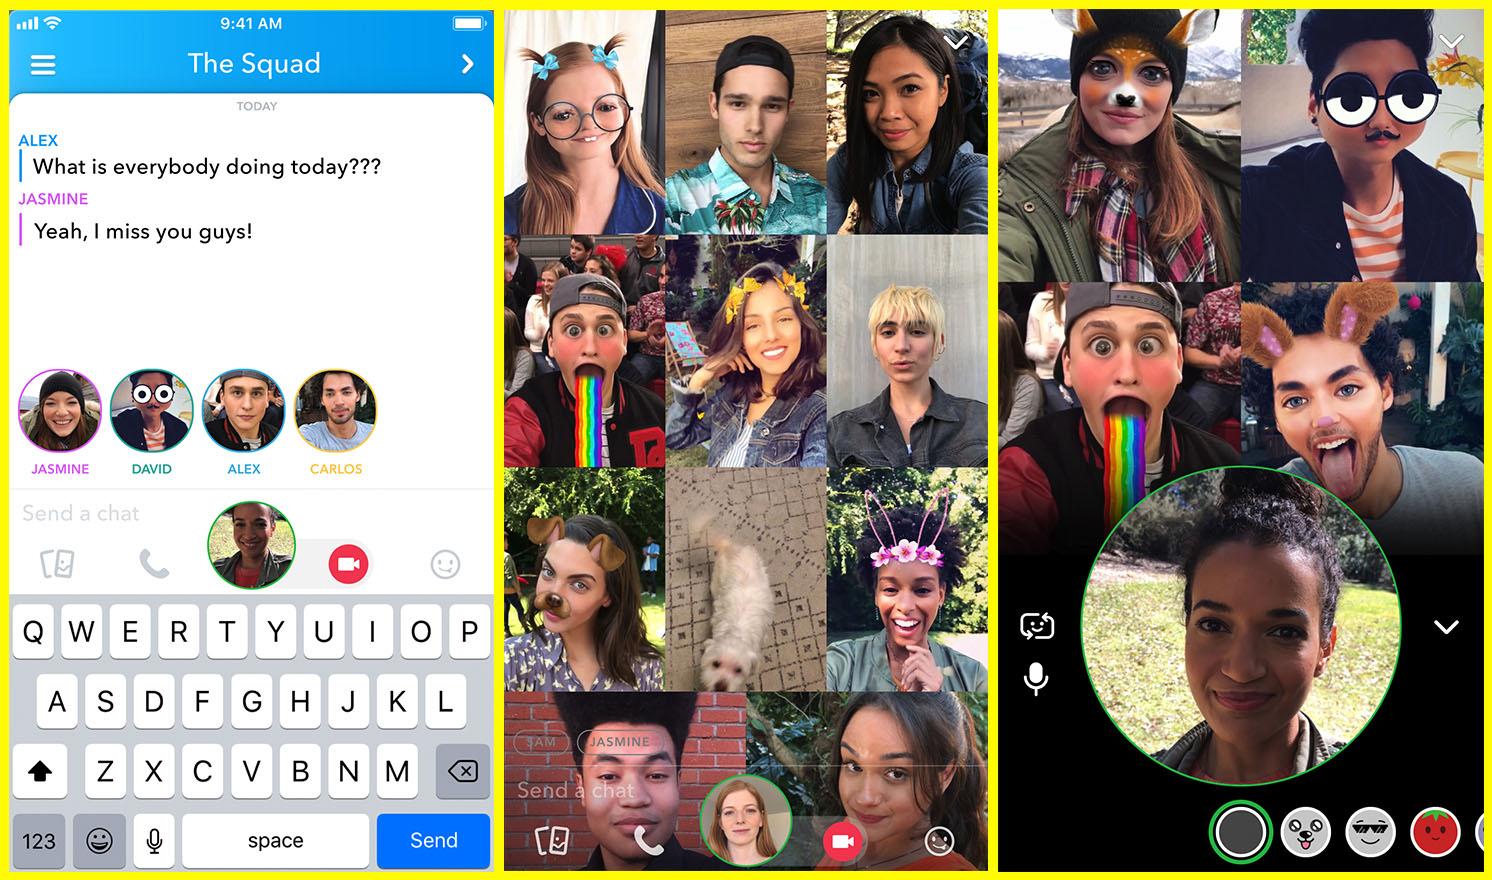 snapchat group calling